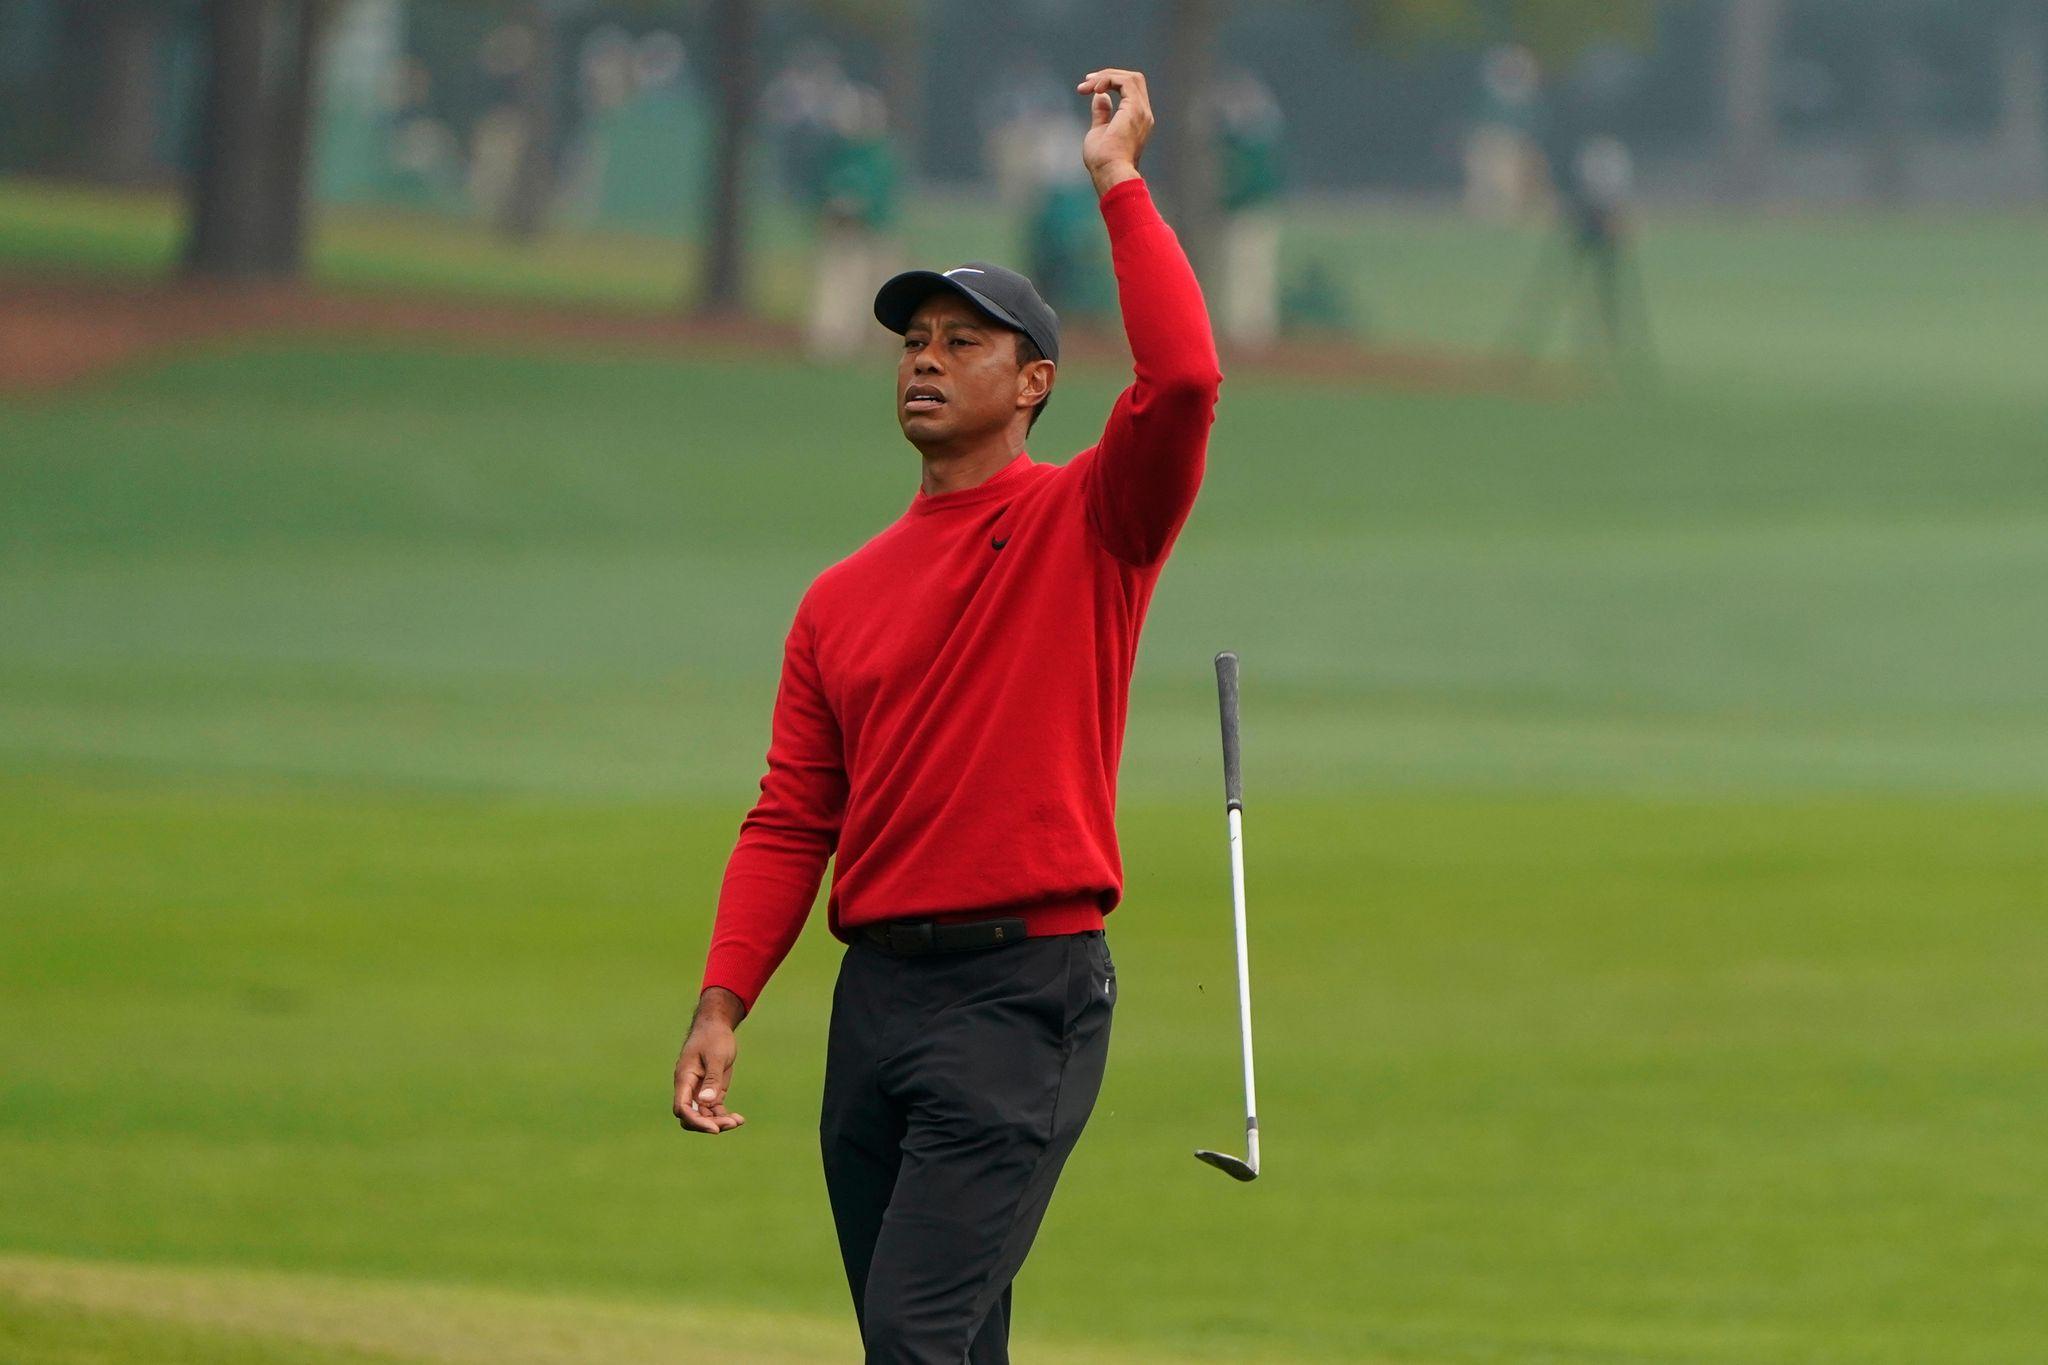 Dreimal Wasser, zehn Schläge: Tiger Woods erlebt Desaster